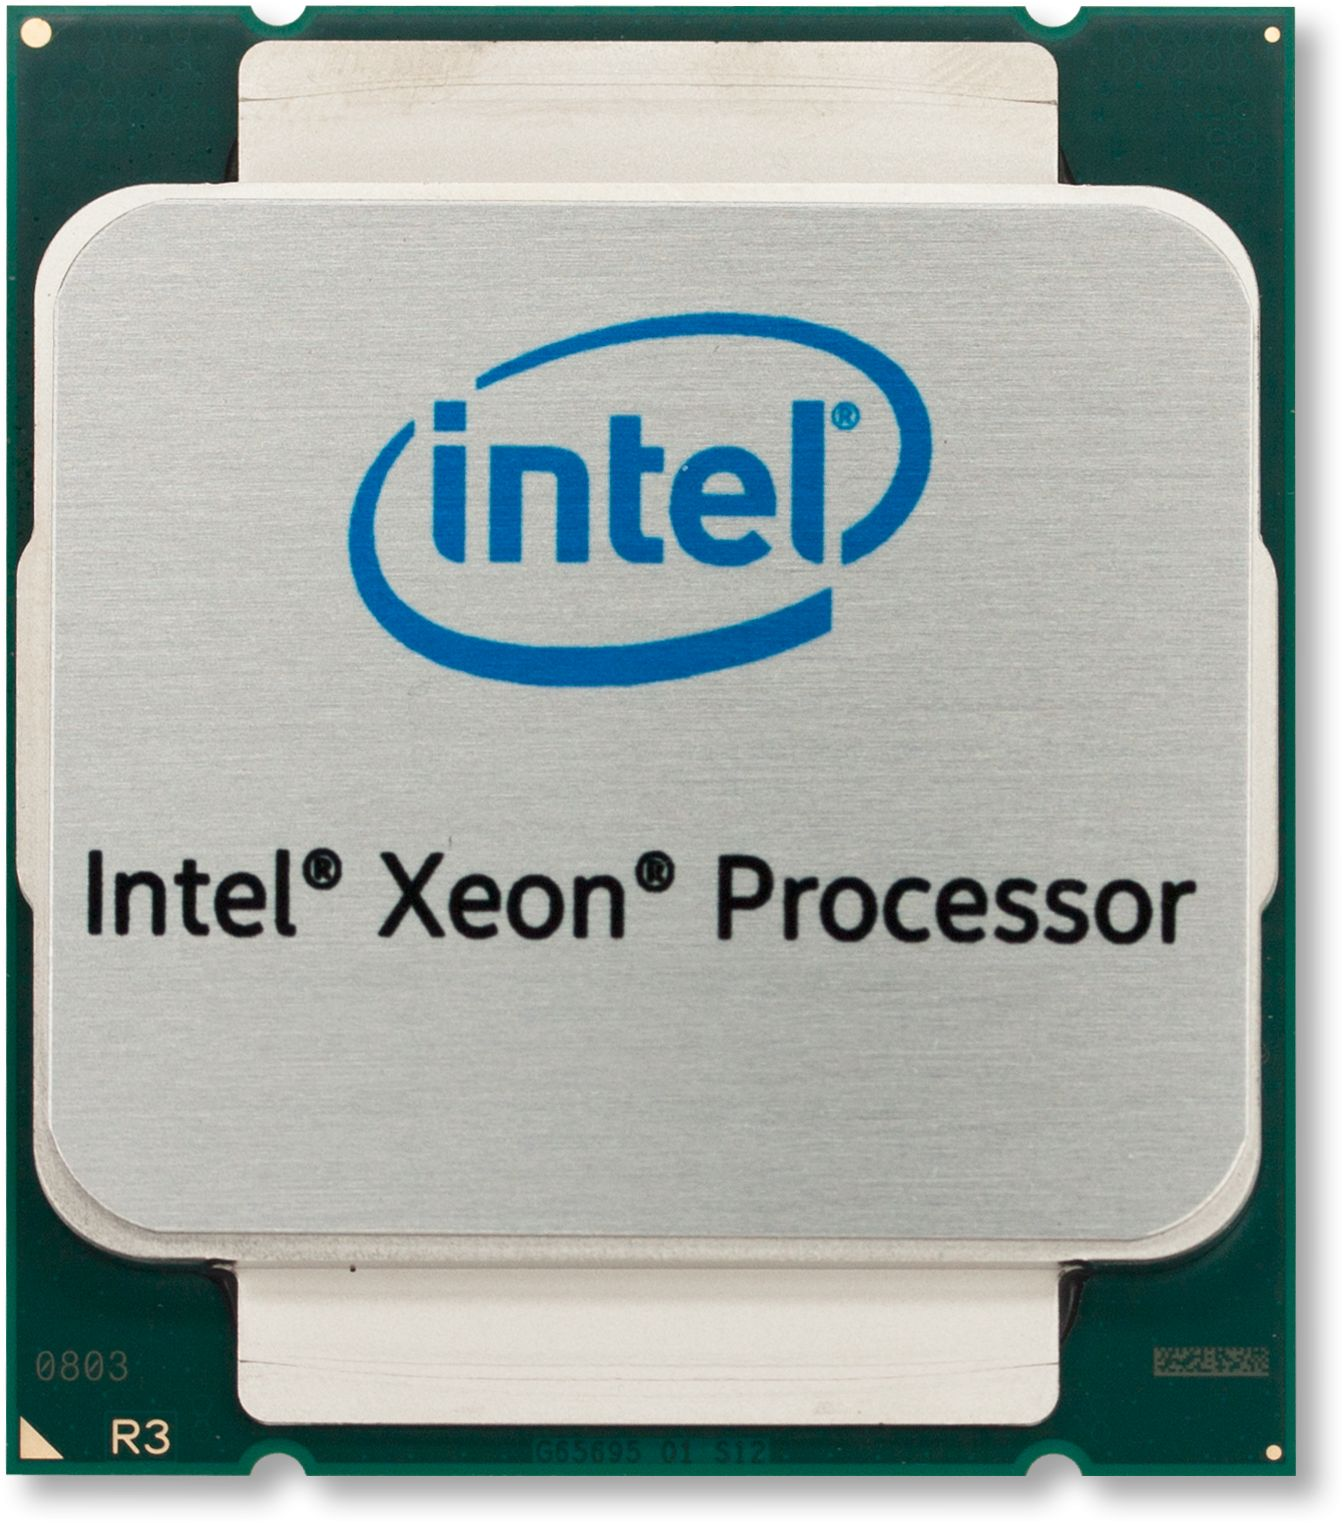 Intel Xeon E5 V3 Processors